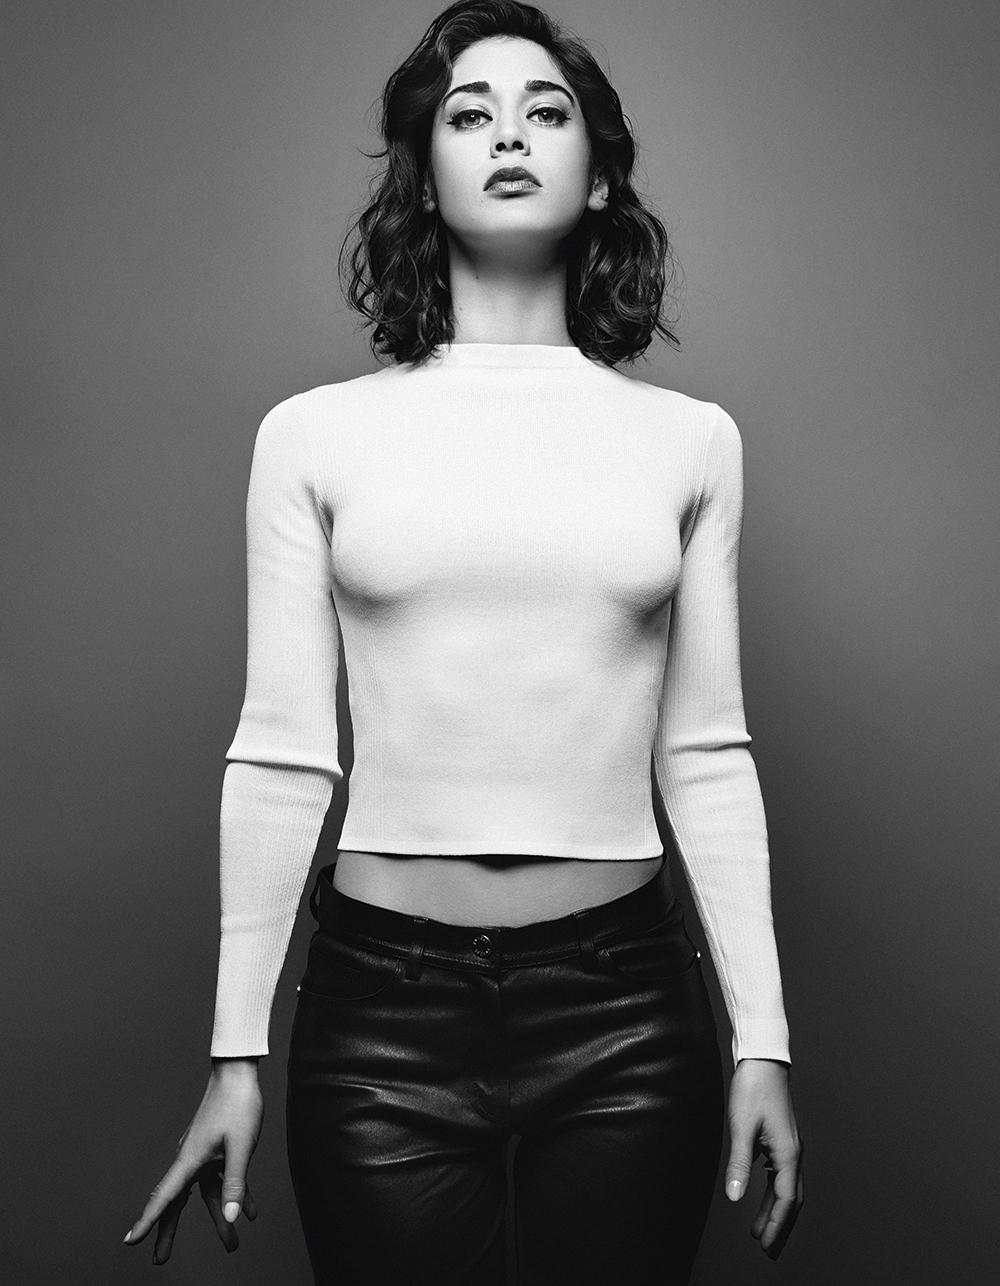 Hot Sex Muse: Lizzy Caplan – PICZLoad pics a la carte